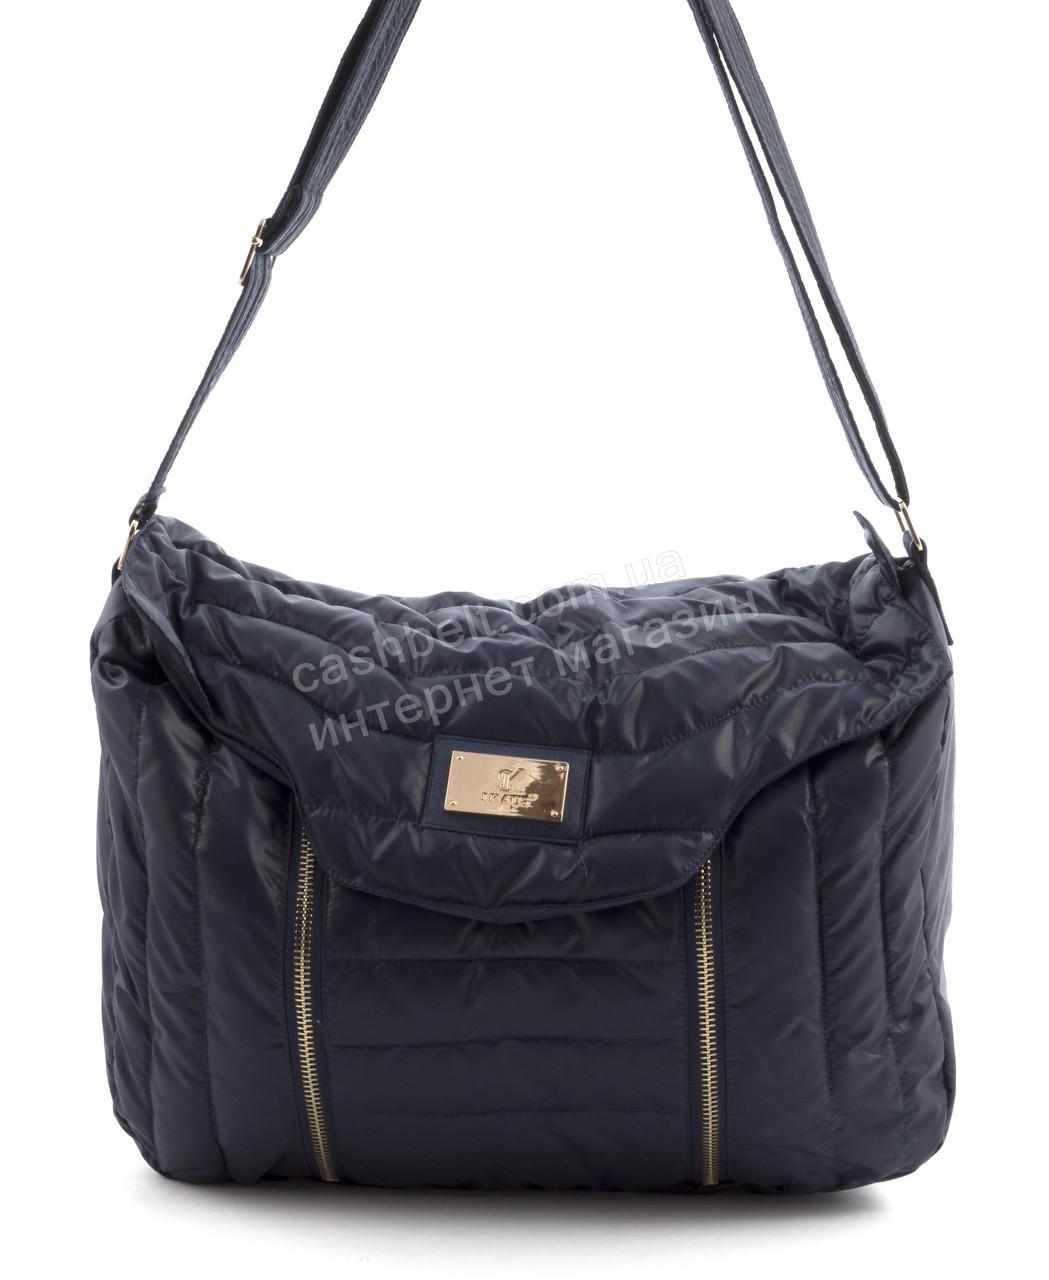 0384db9e25ba Вместительная мягкая прочная болоневая женская стеганая сумка БН art. 17-17  синяя - Ремешок